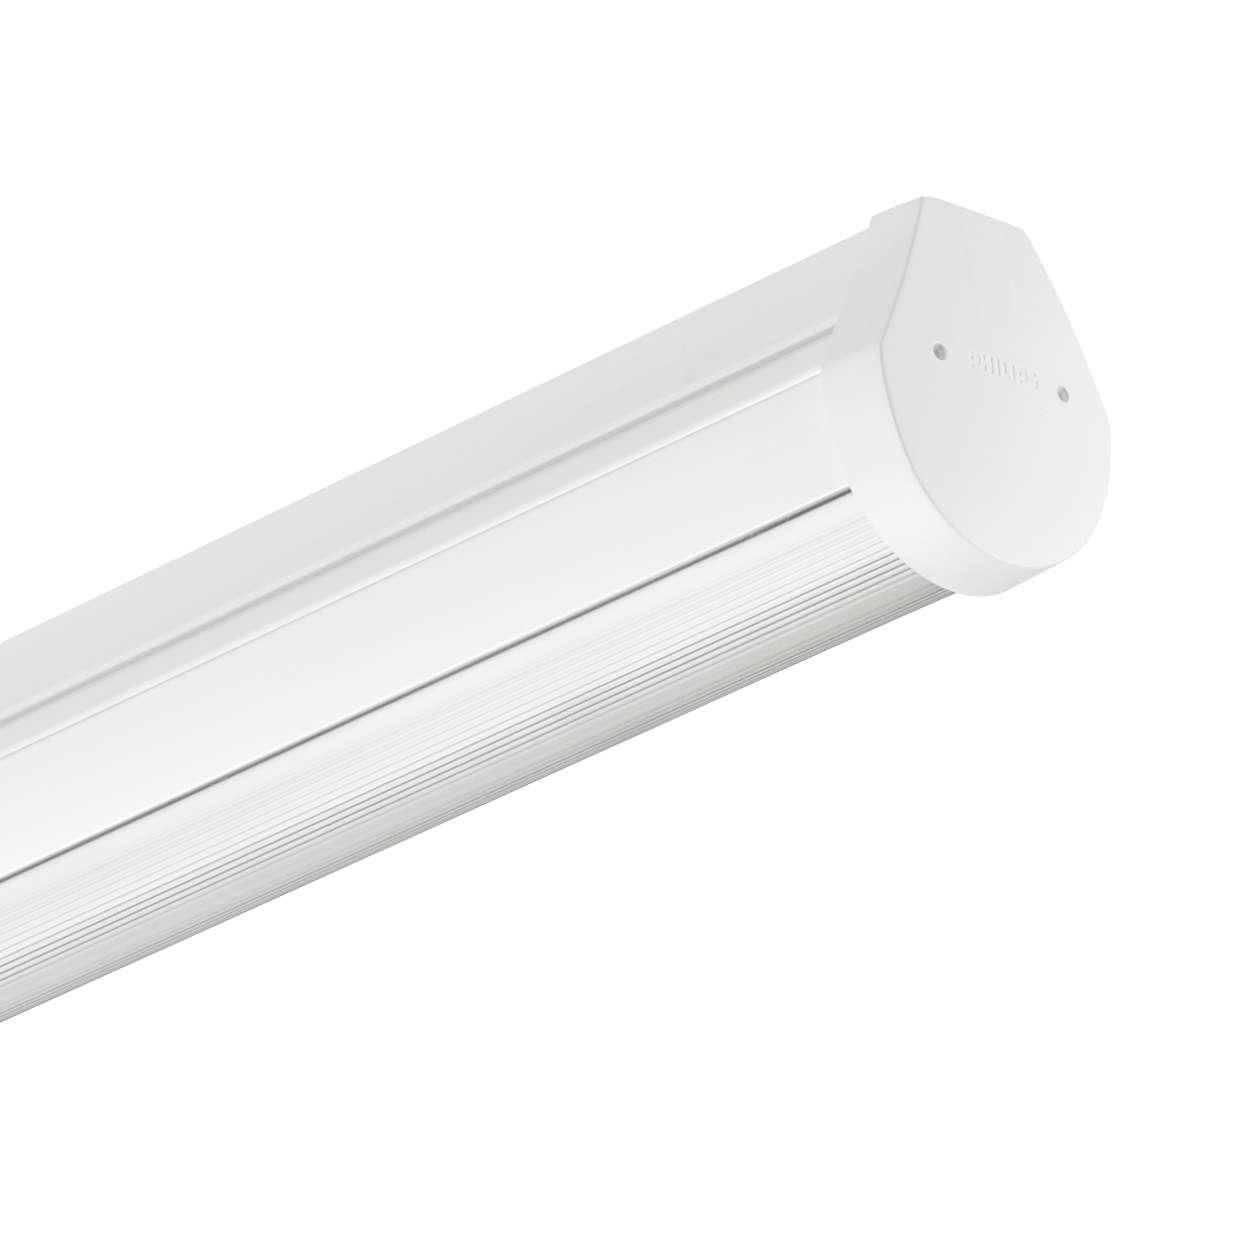 Maxos LED Performer: iluminación de línea eficaz y precisa